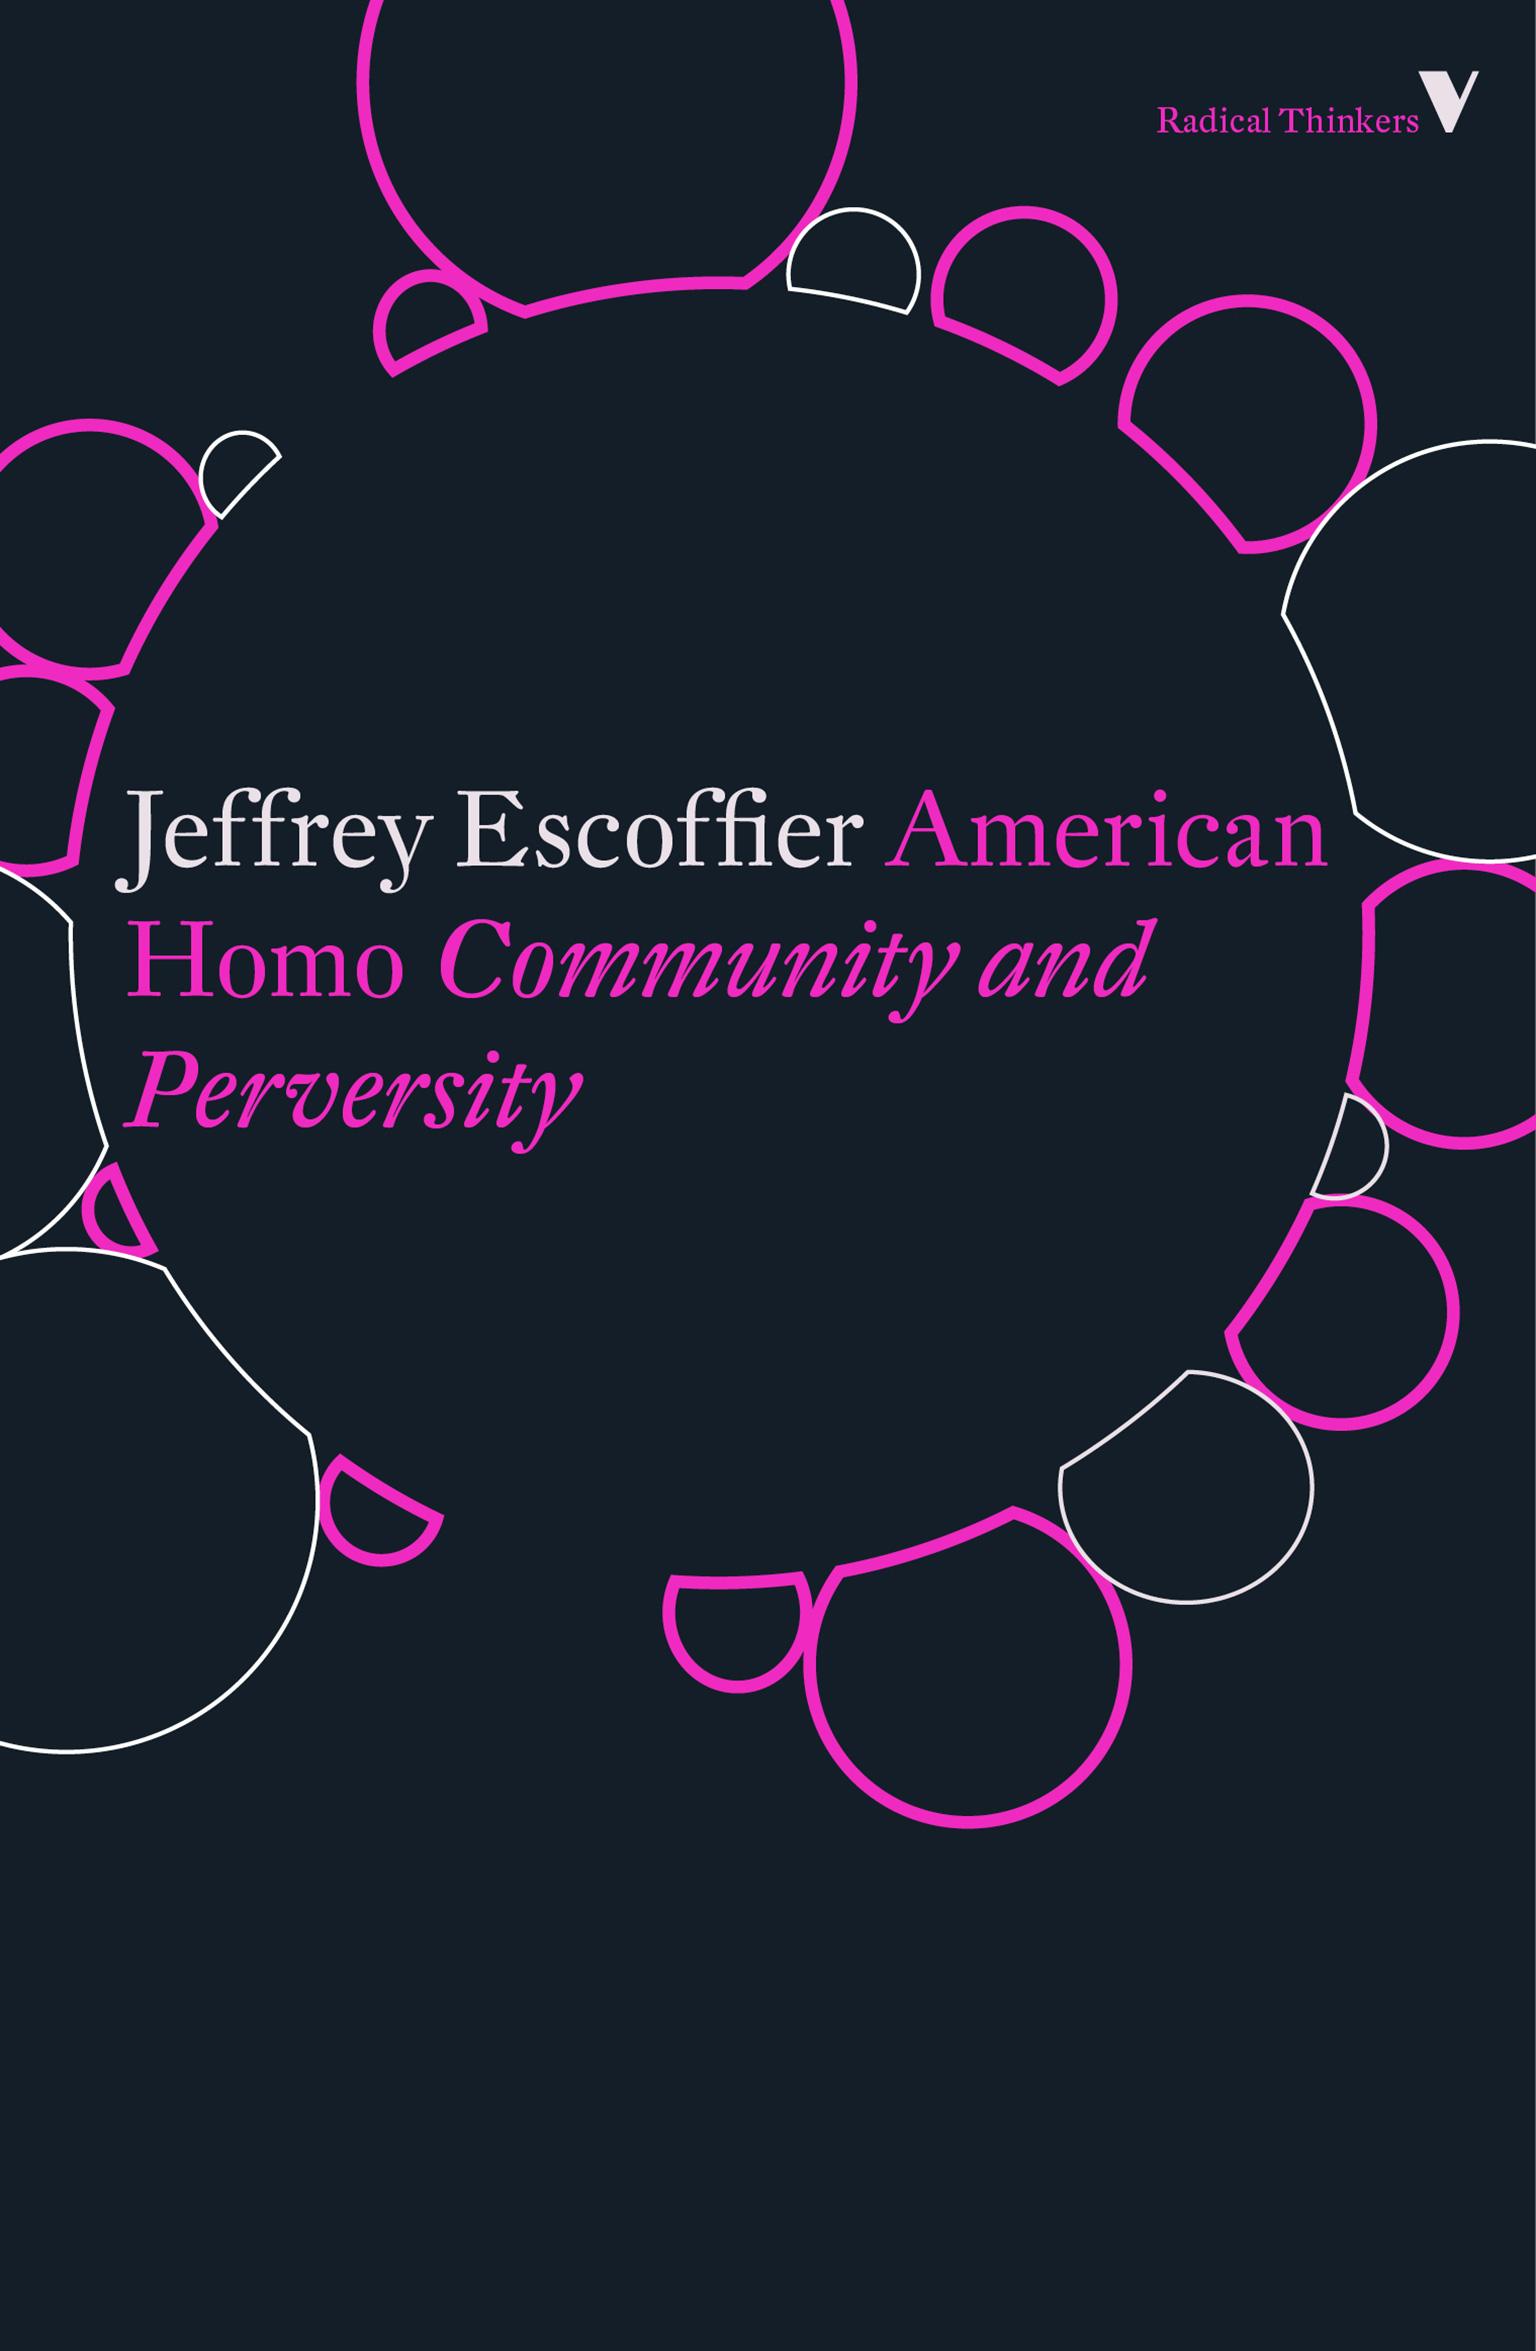 Escoffier---american-homo